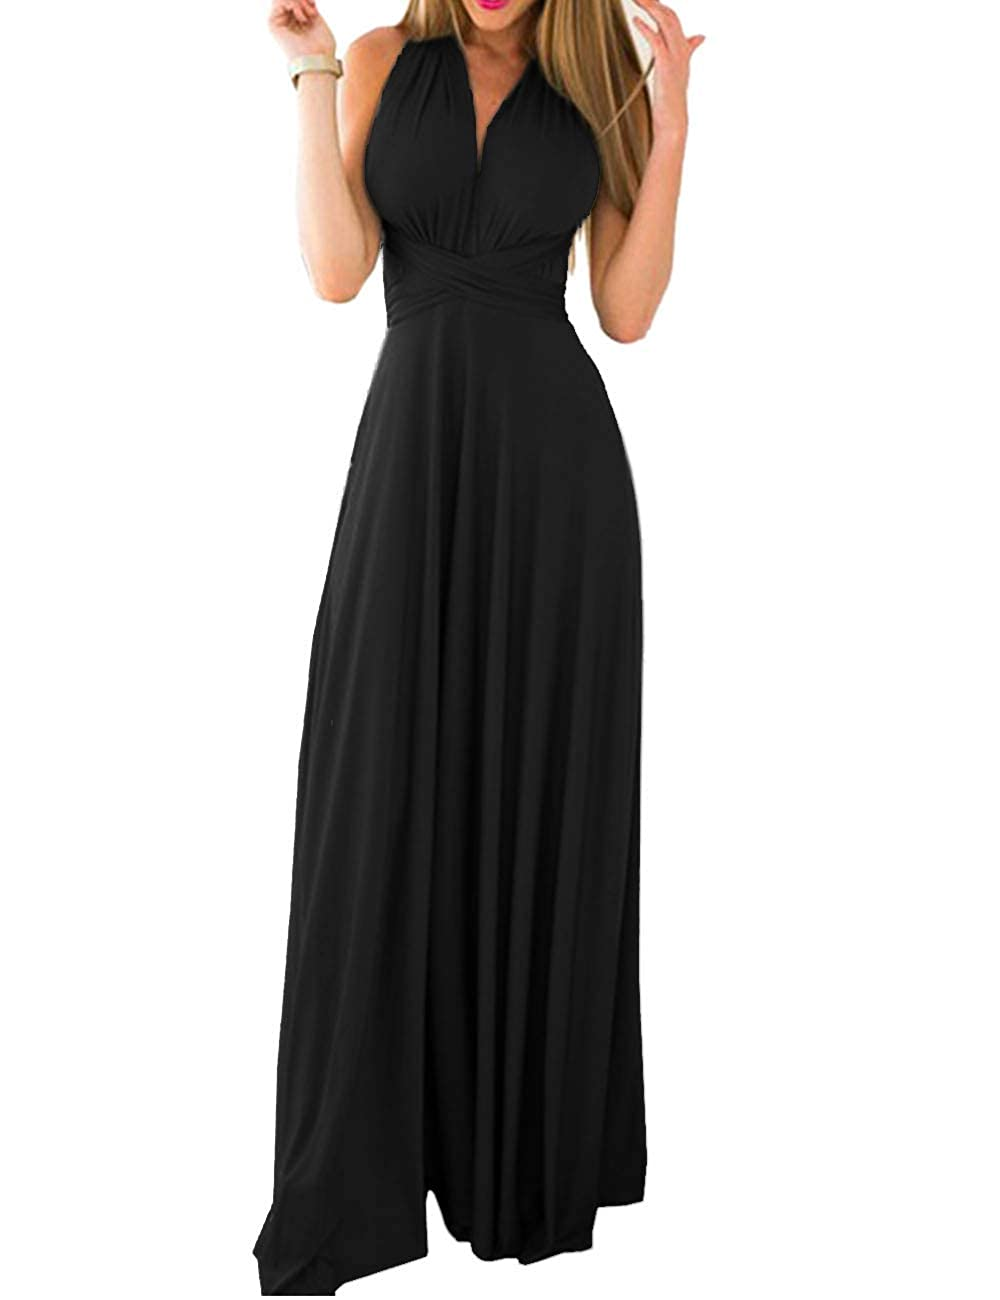 TALLA XL. EMMA Mujeres Falda Larga de Cóctel Vestido de Noche Dama de Honor Elegante sin Respaldo Negro XL